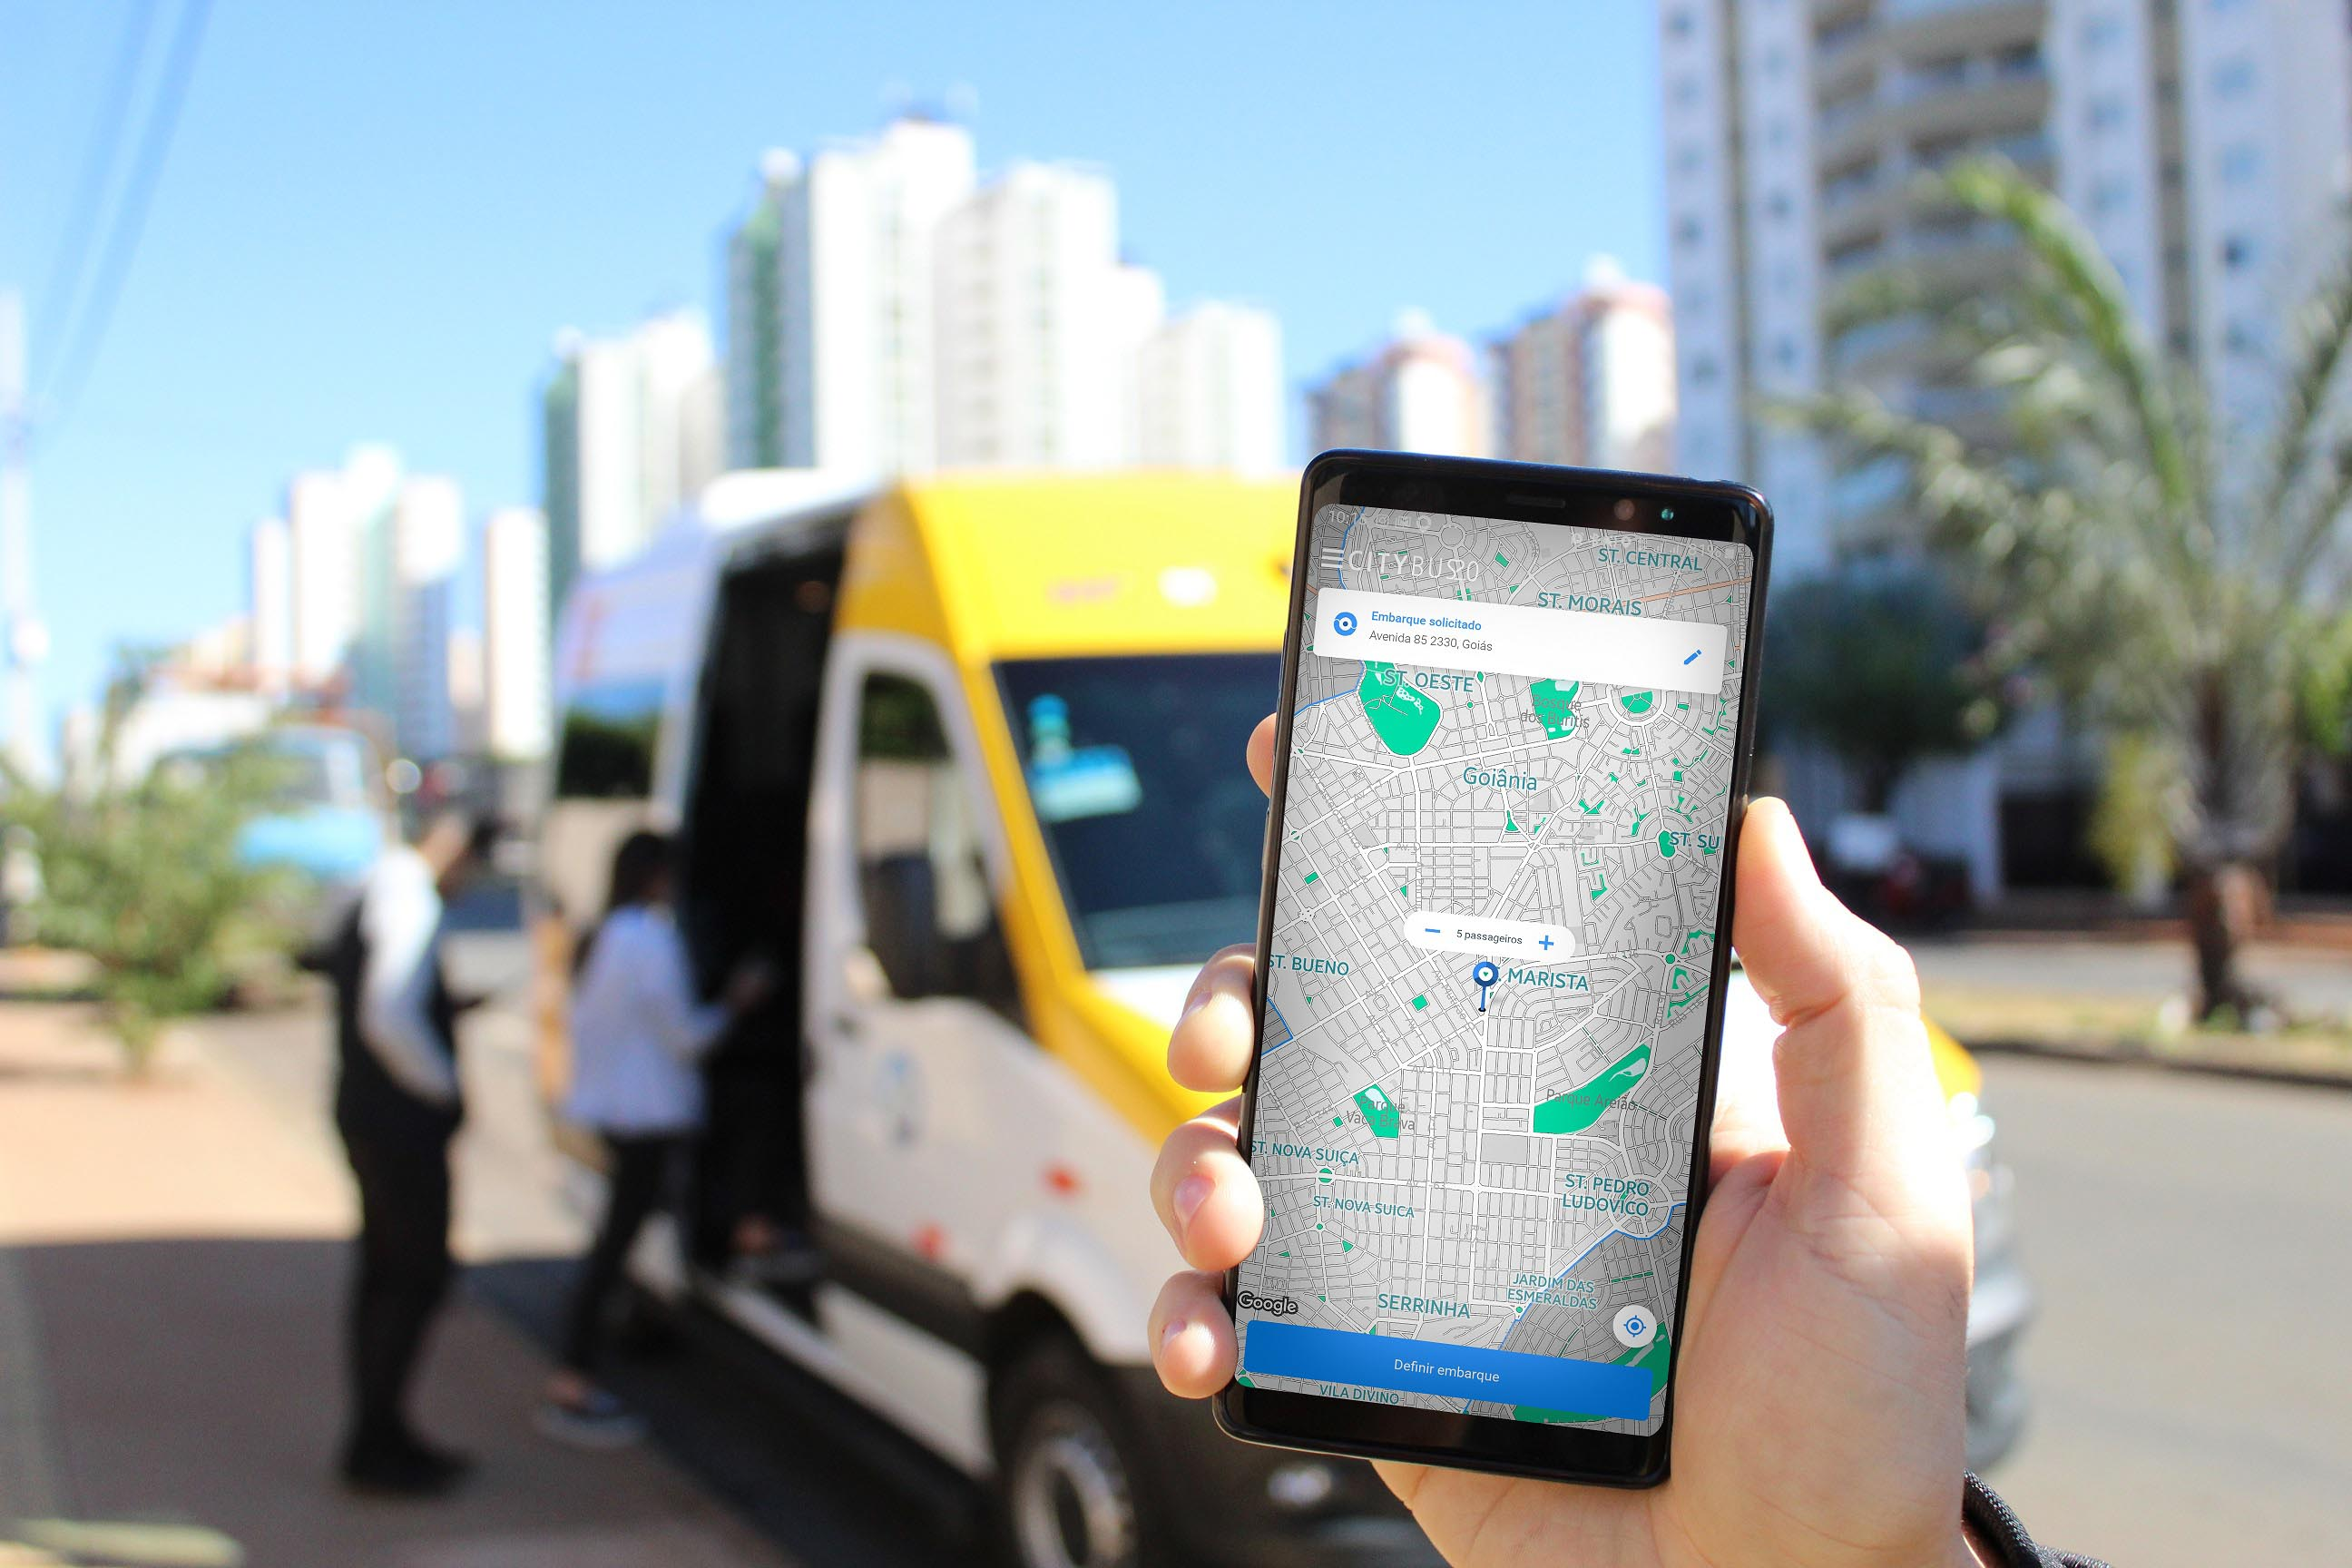 HP CONSOLIDA O SERVIÇO DO CITYBUS 2.0 E EXPANDE PARA MAIS 13 BAIRROS DE GOIÂNIA